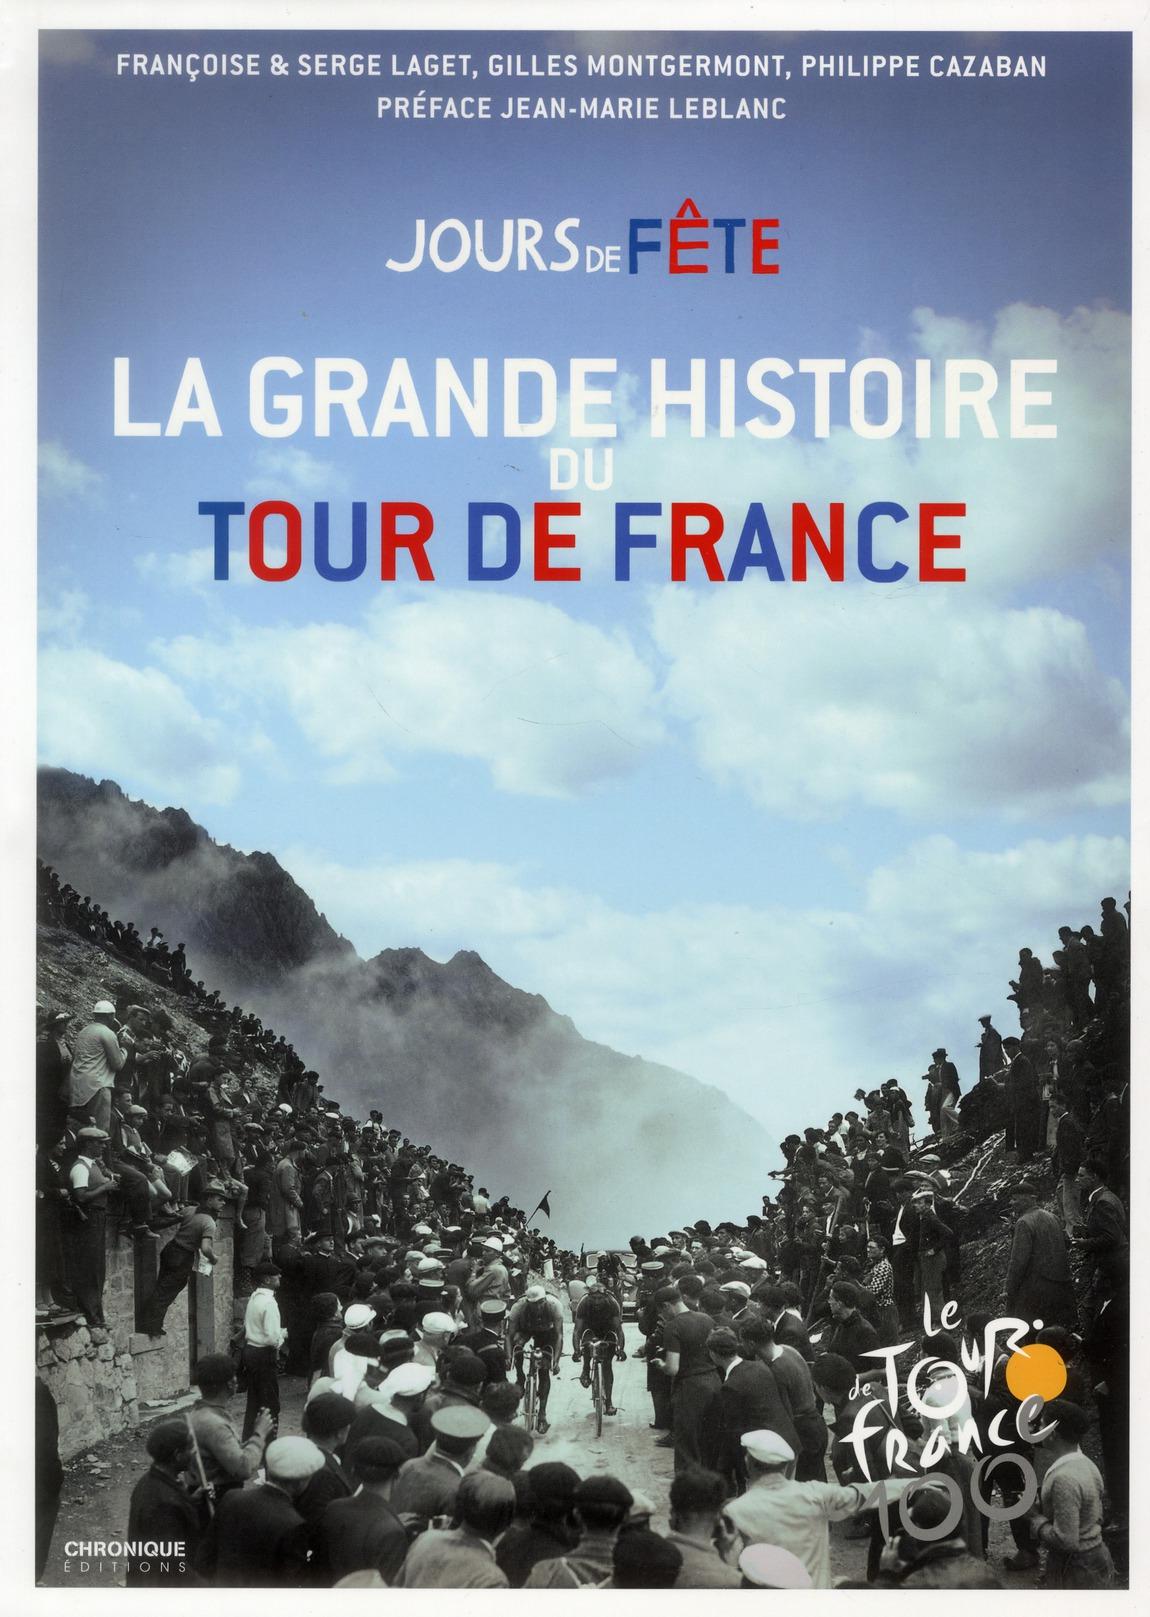 JOUR DE FETE LA GRANDE HISTOIRE DU TOUR DE FRANCE